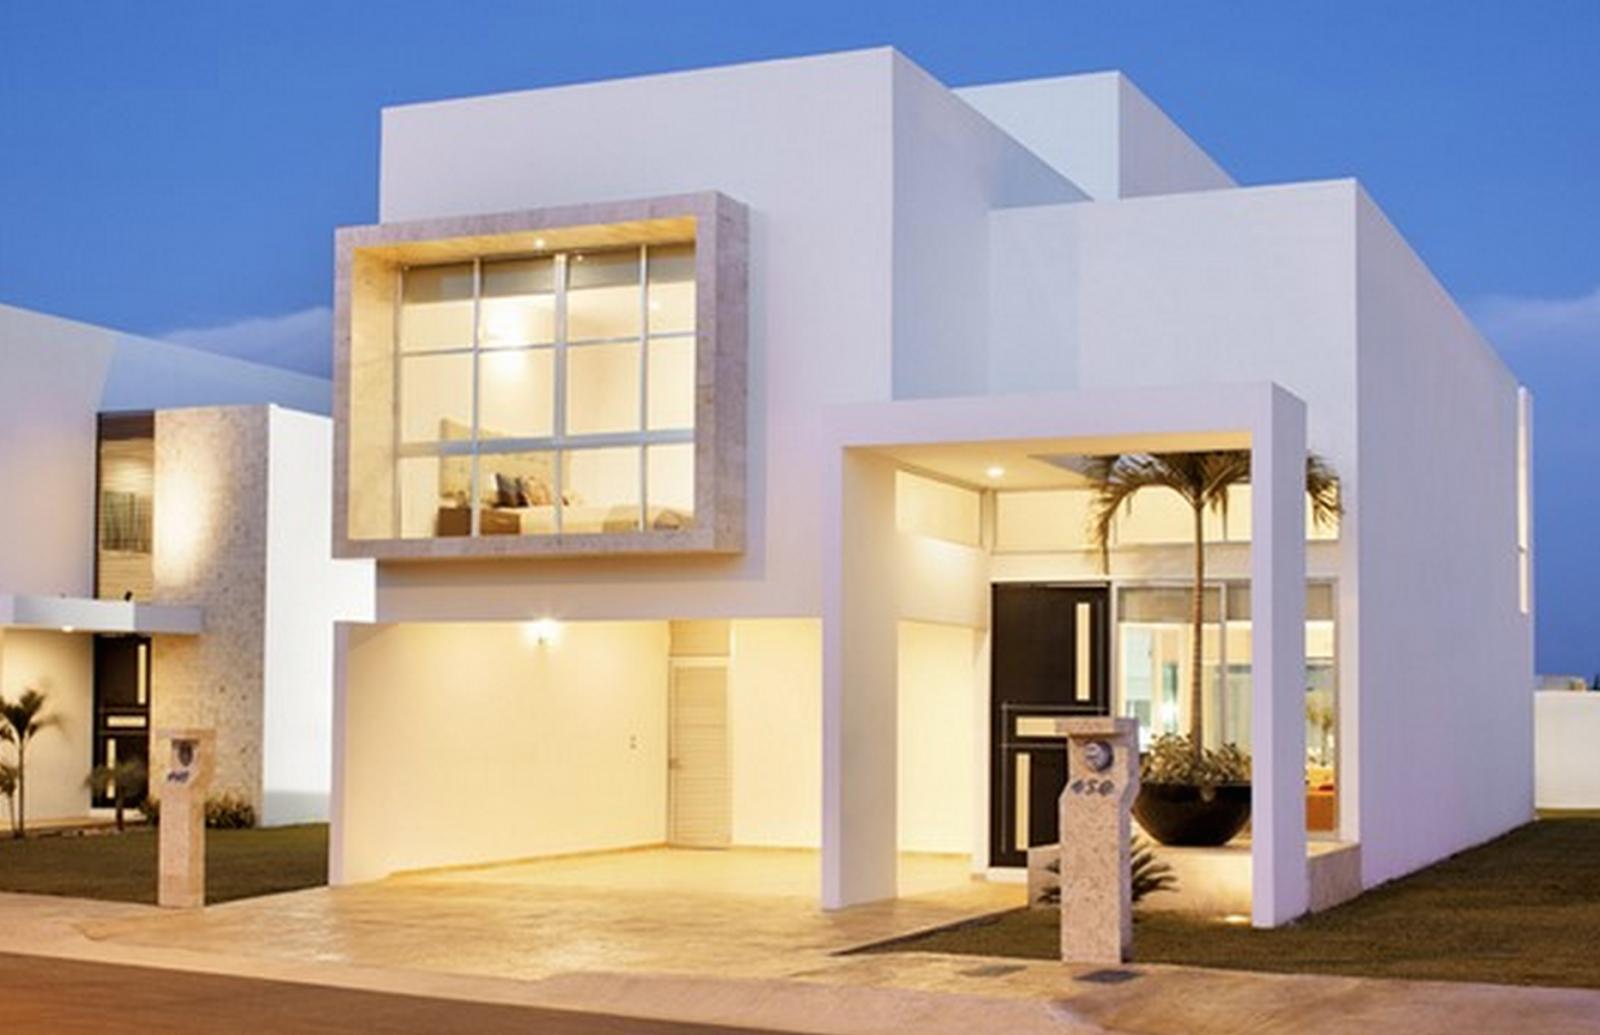 Casas prefabricadas y modulares casas minimalistas - Casas modulares minimalistas ...